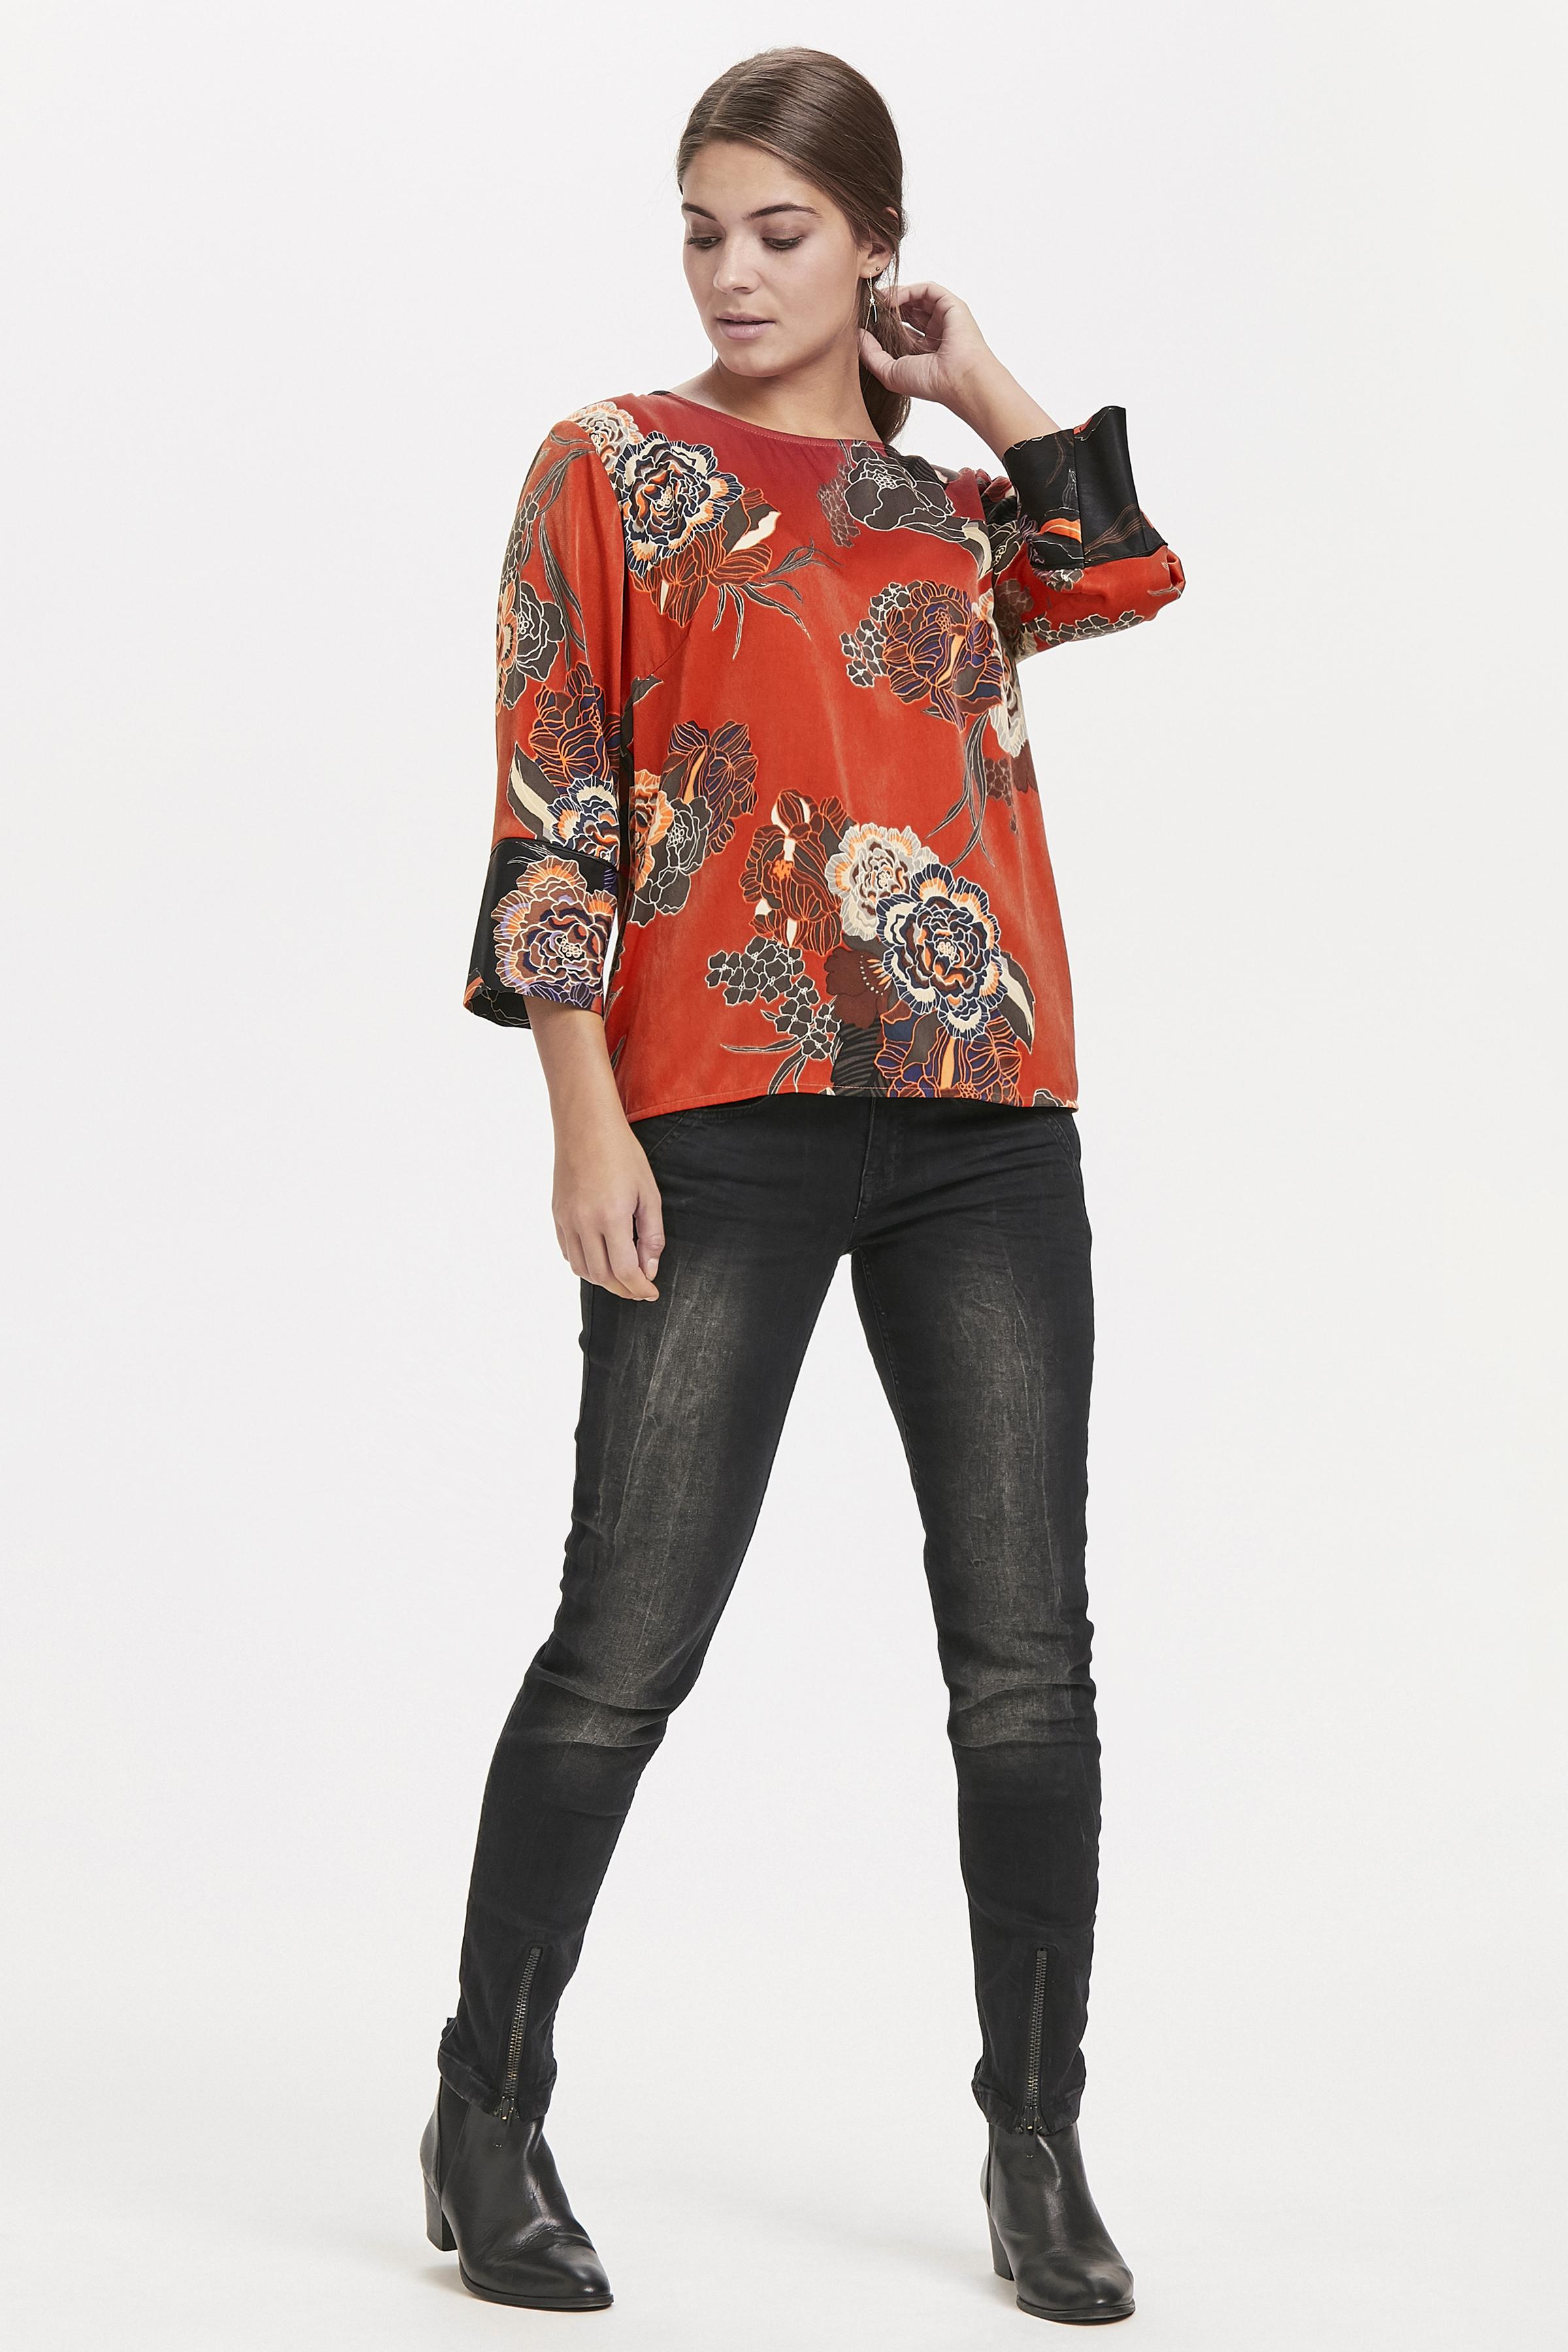 Brændt orange/mørk sand Kortærmet bluse fra Pulz Jeans – Køb Brændt orange/mørk sand Kortærmet bluse fra str. XS-XXL her